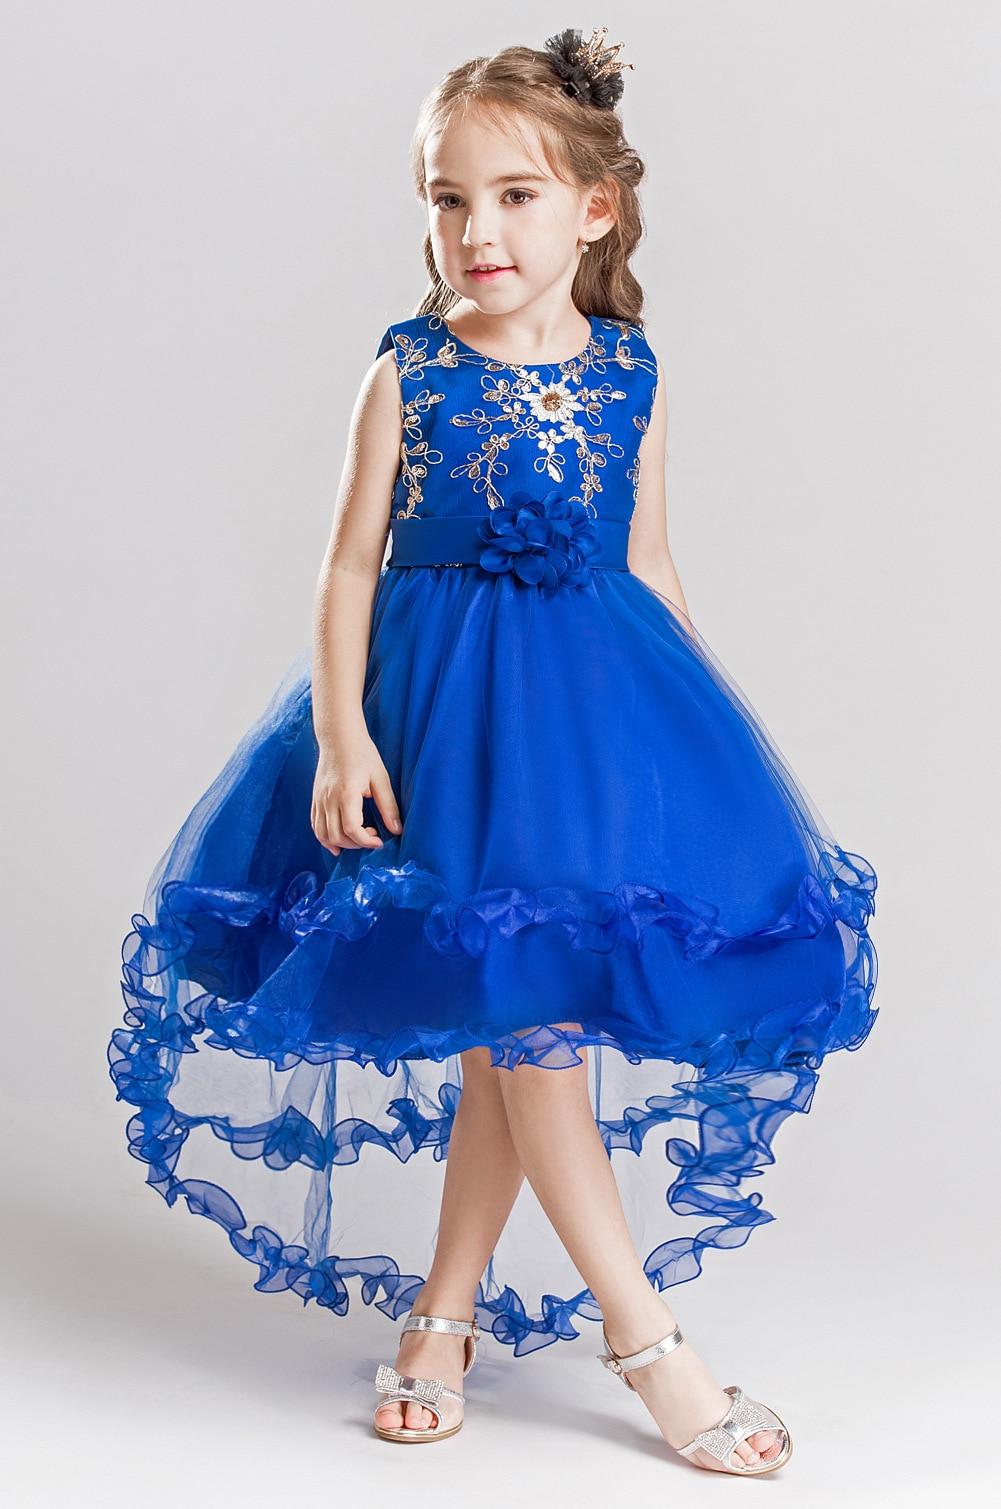 European Children Party Clothing Sleeveless Asymmetrical -9498